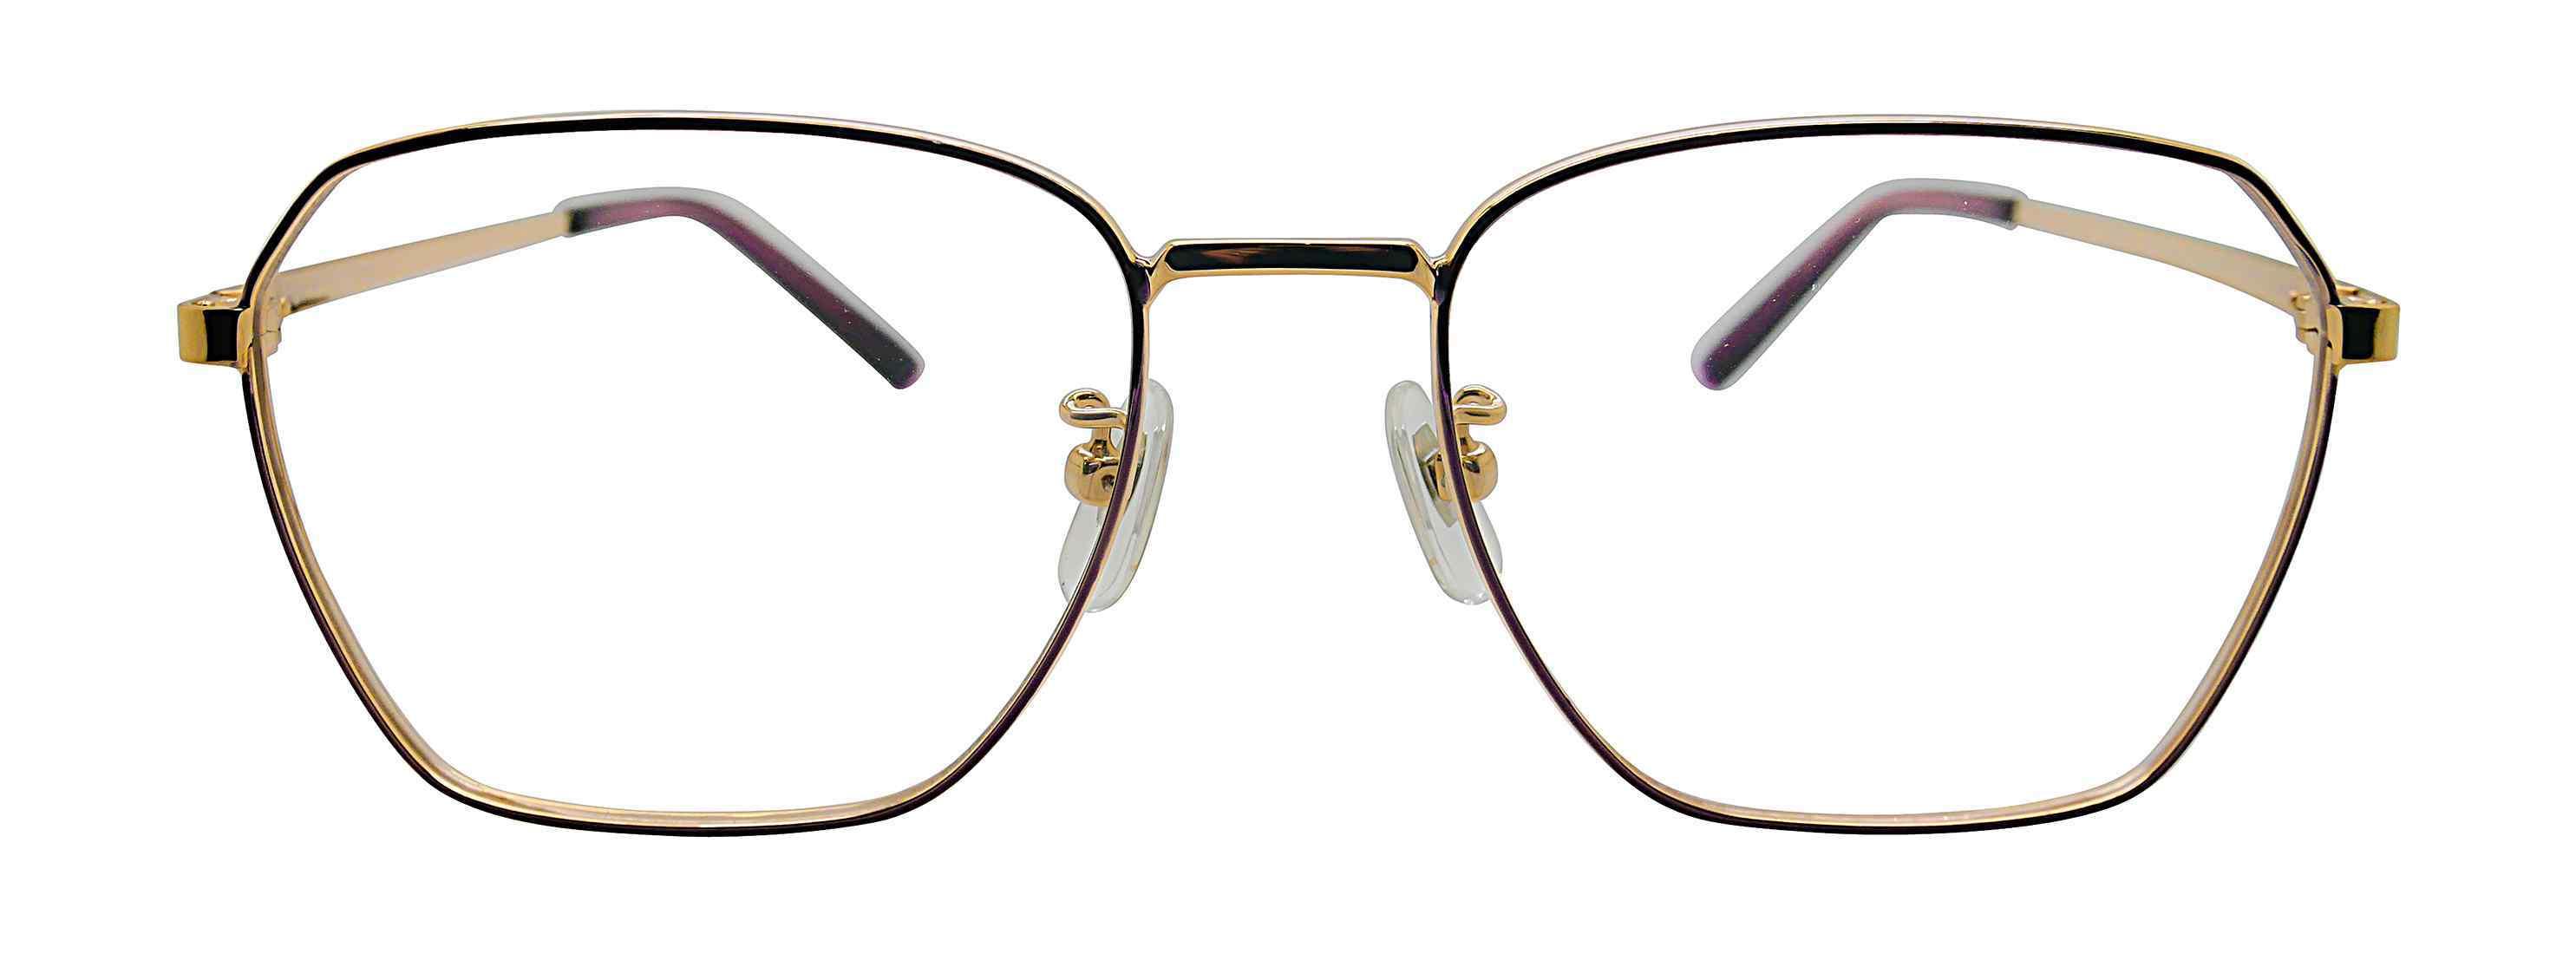 Esprit Spectacles 14317 01